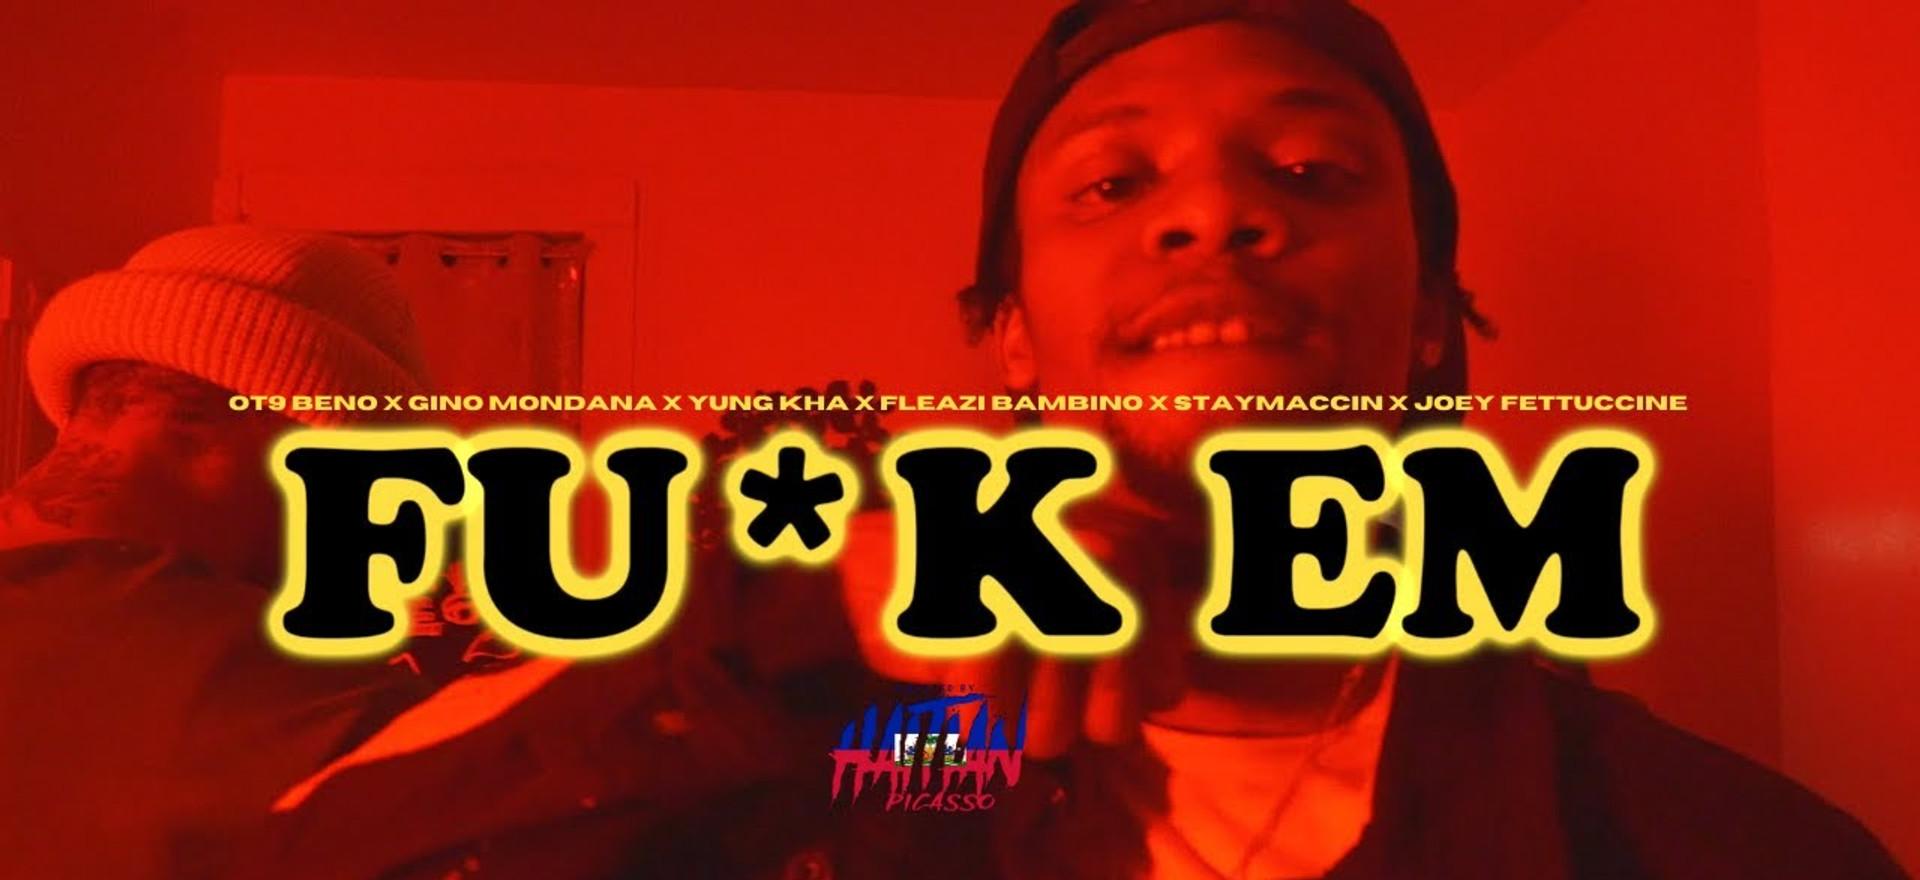 Fu*k Em - OT9 Beno x Gino Mondana x Yung Kha x Pop Out Boyz